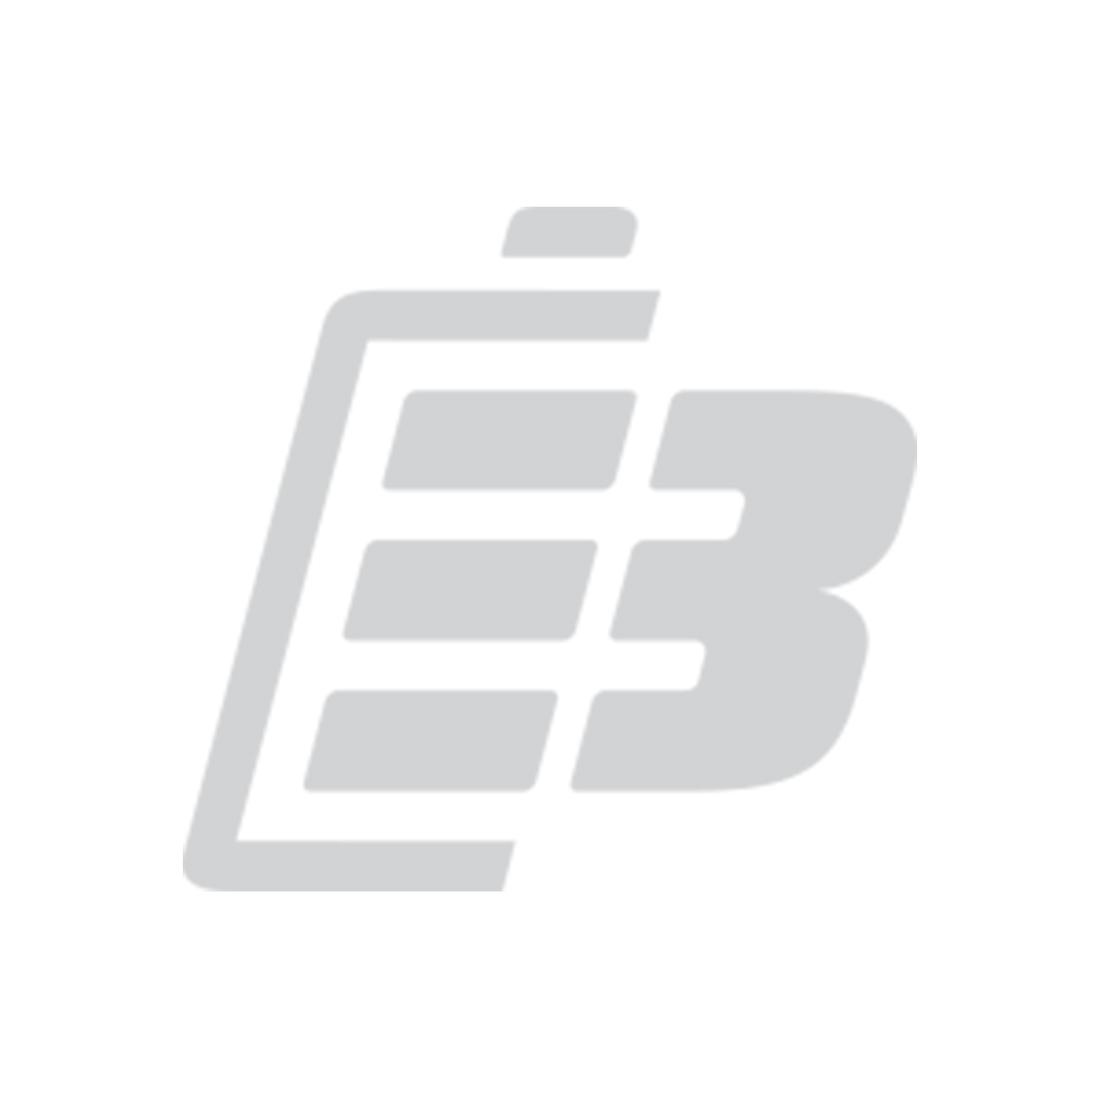 Μπαταρία remote control Logitech Harmony 880_1